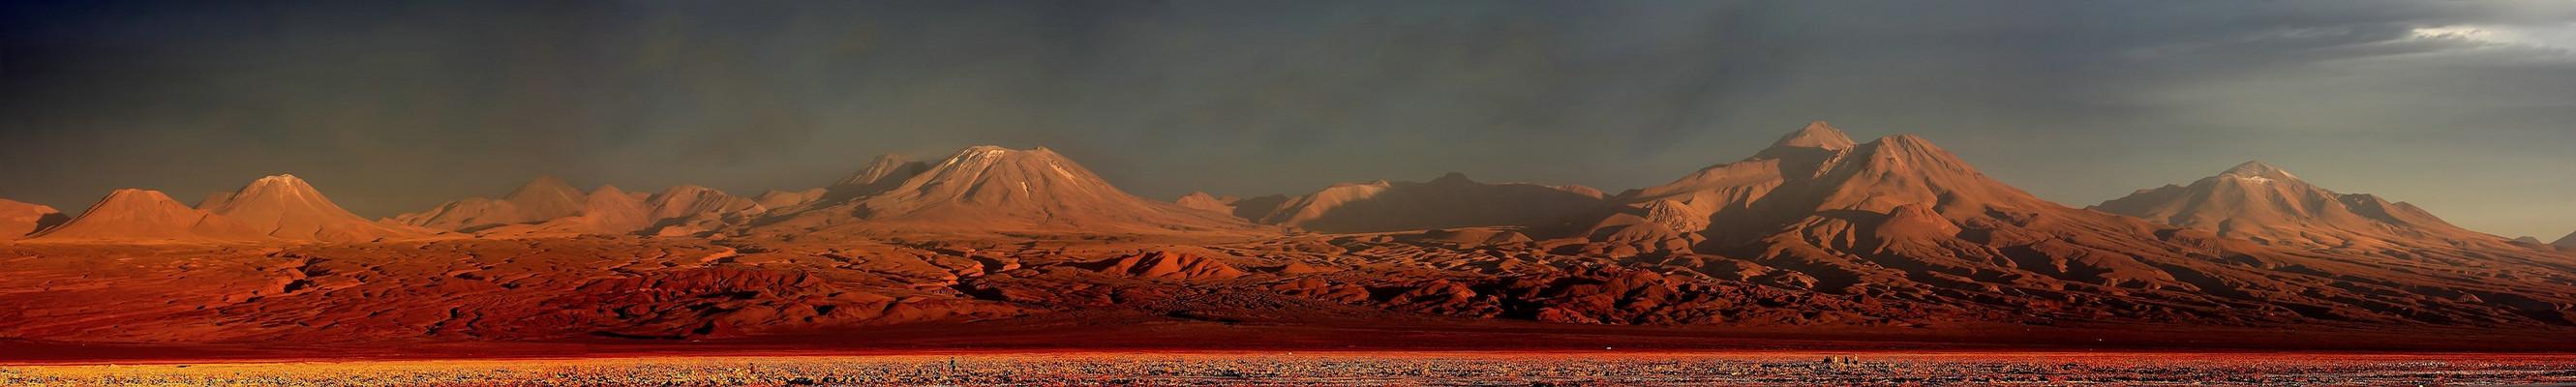 Chile (26) - Atacama Wüste